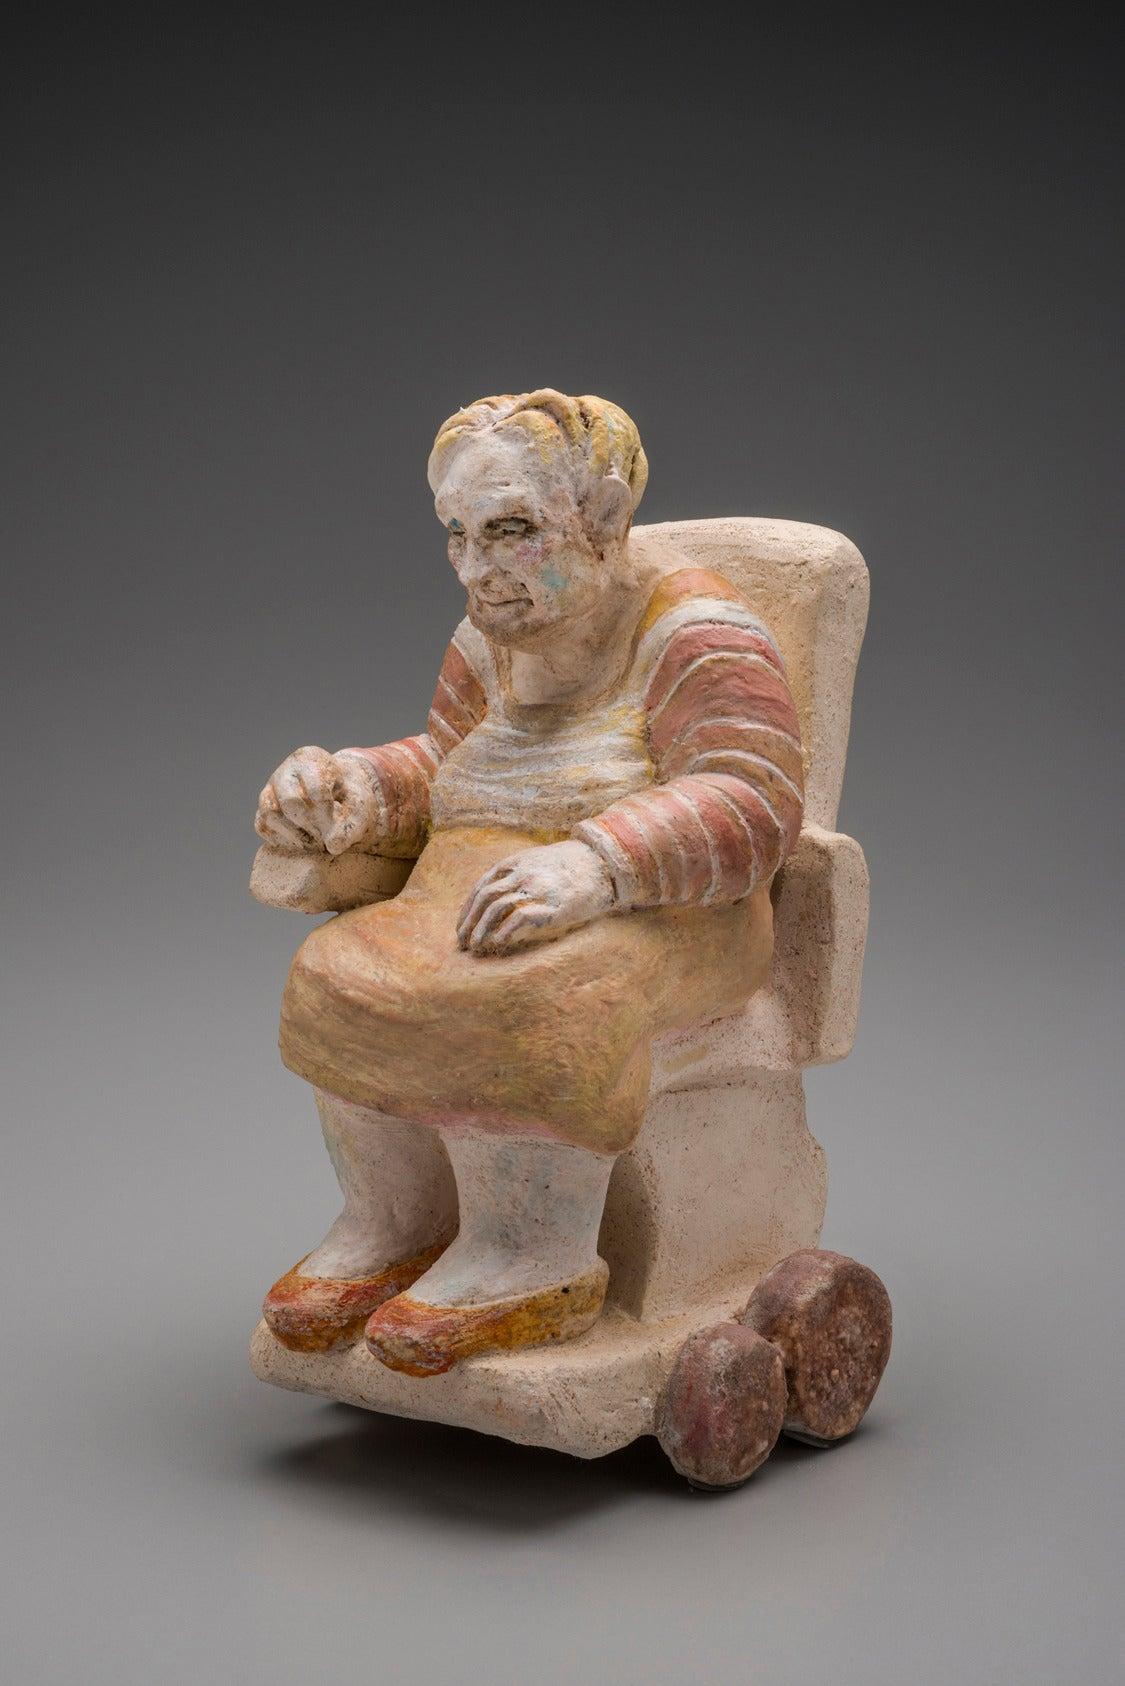 Carol A. Cook Figurative Sculpture - Joyce